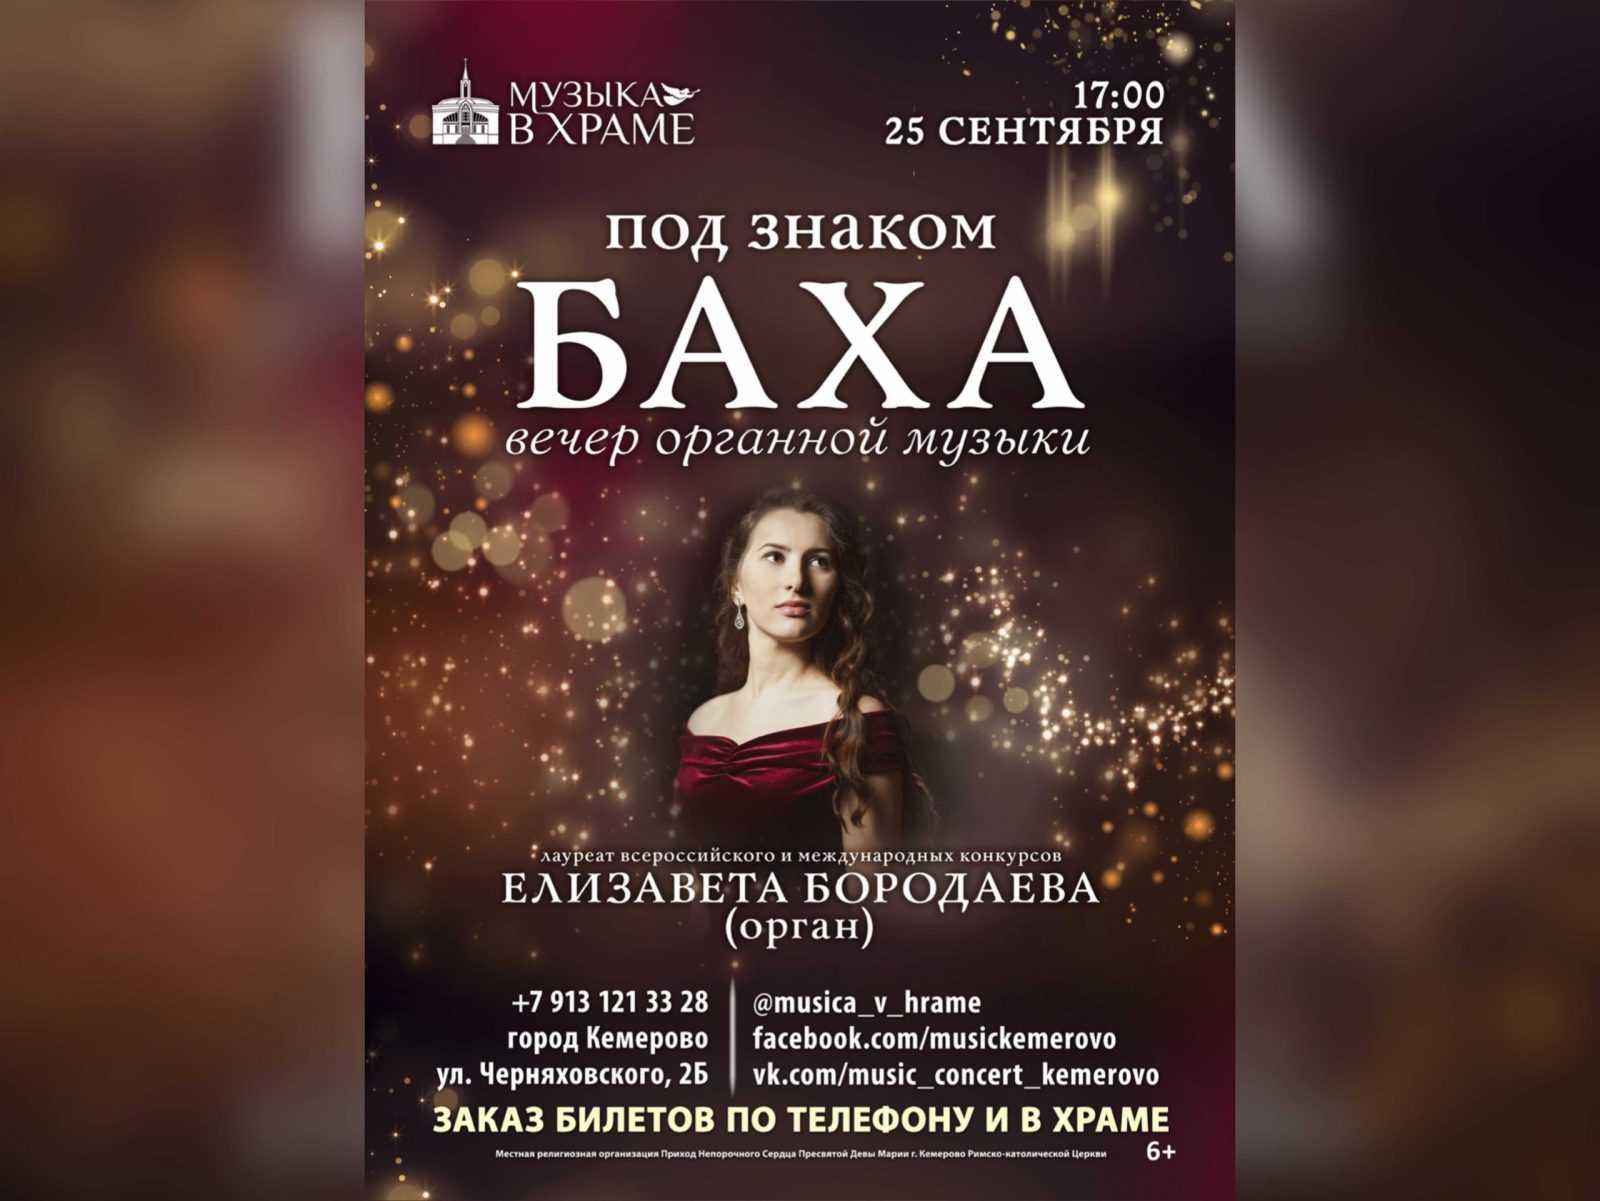 Органный концерт 25 сентября в 17:00